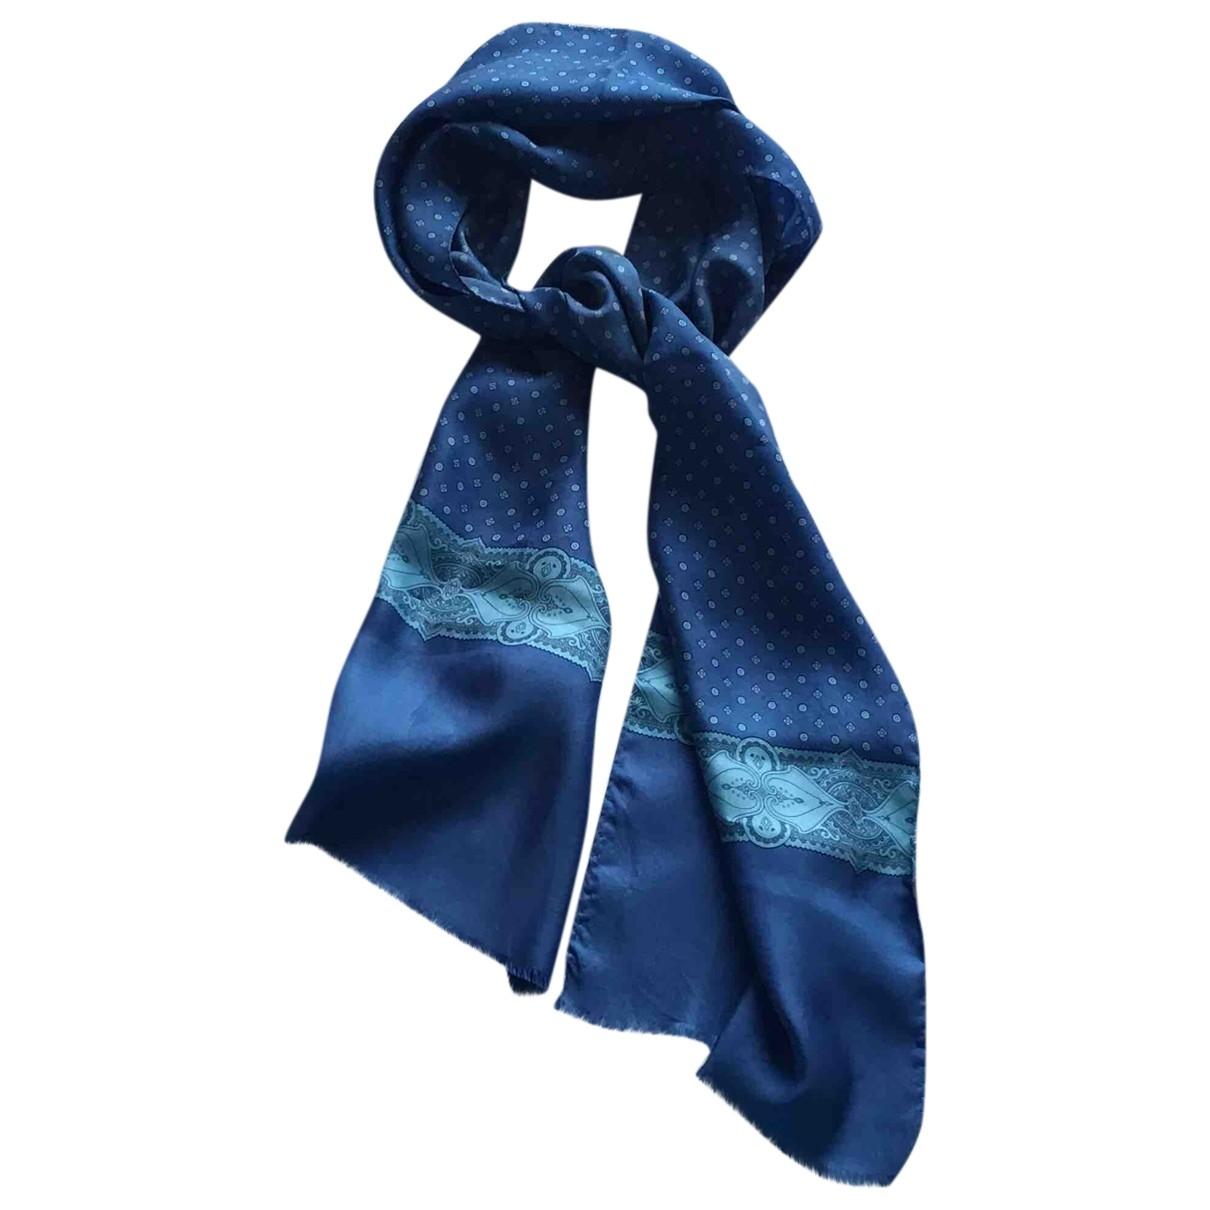 Pierre Cardin - Cheches.Echarpes   pour homme en soie - bleu